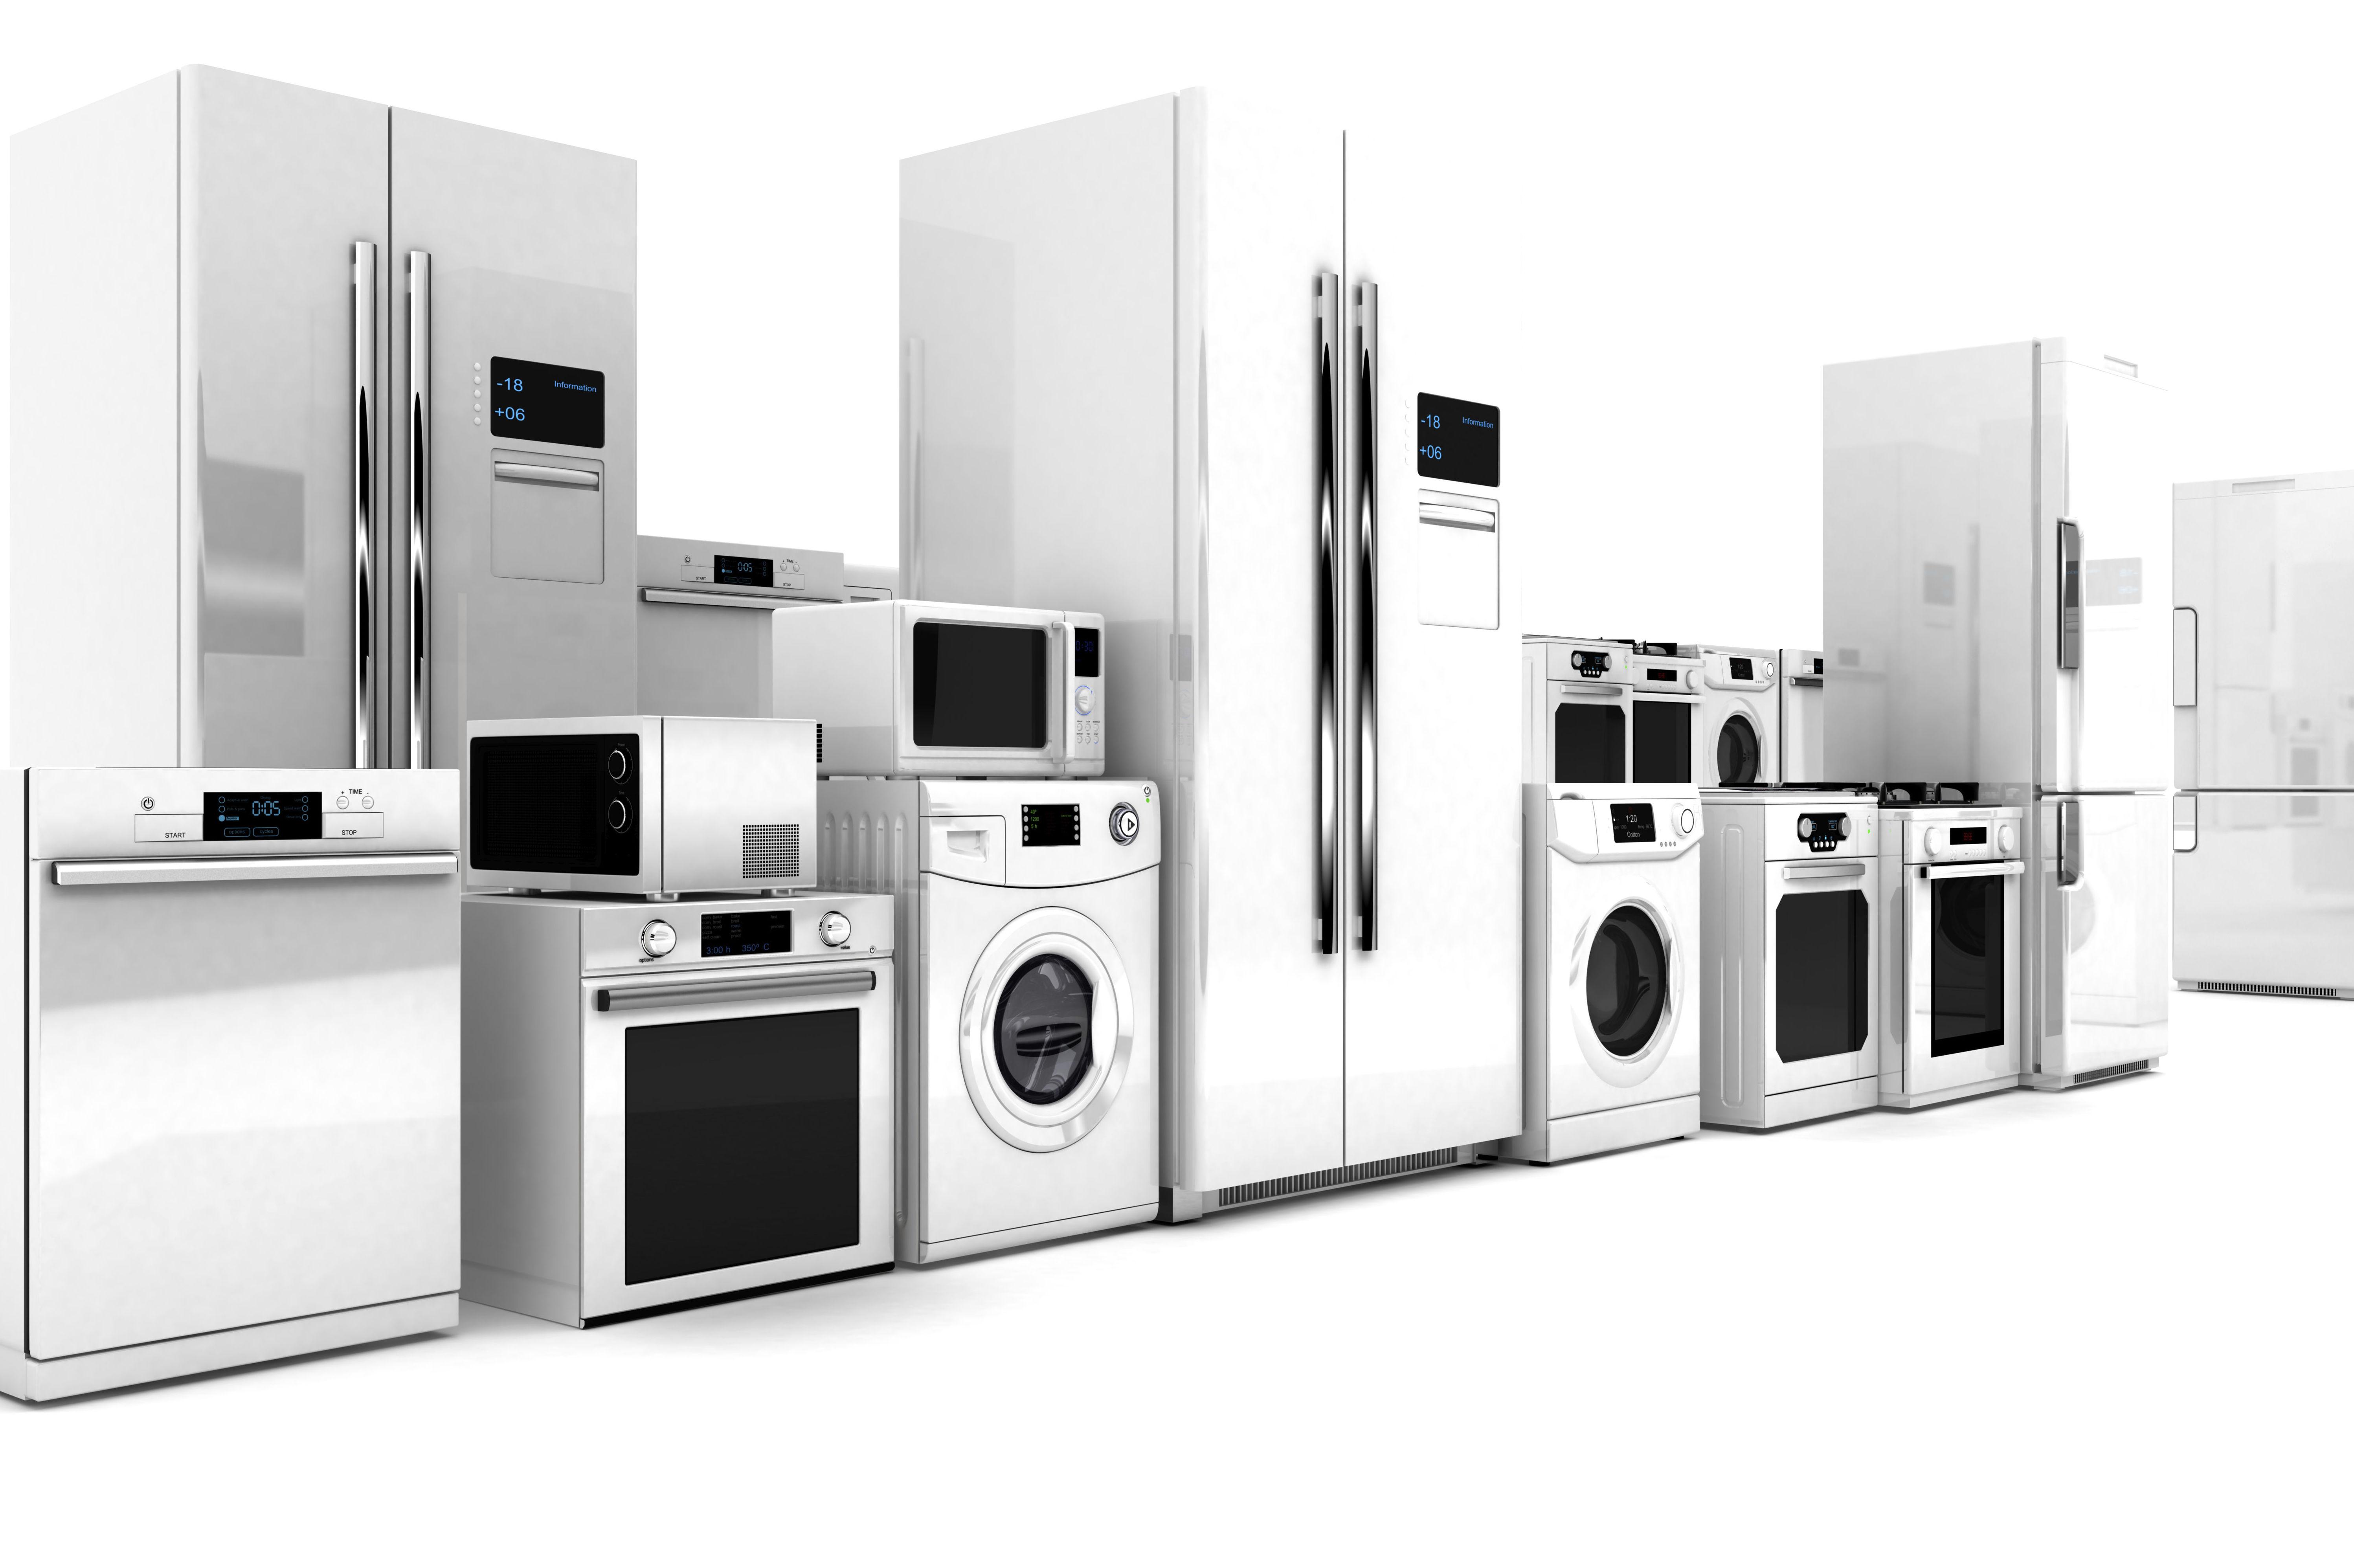 Foto 5 de tienda de electrodom sticos en vitoria electrodom sticos cober - Cocinas completas con electrodomesticos ...